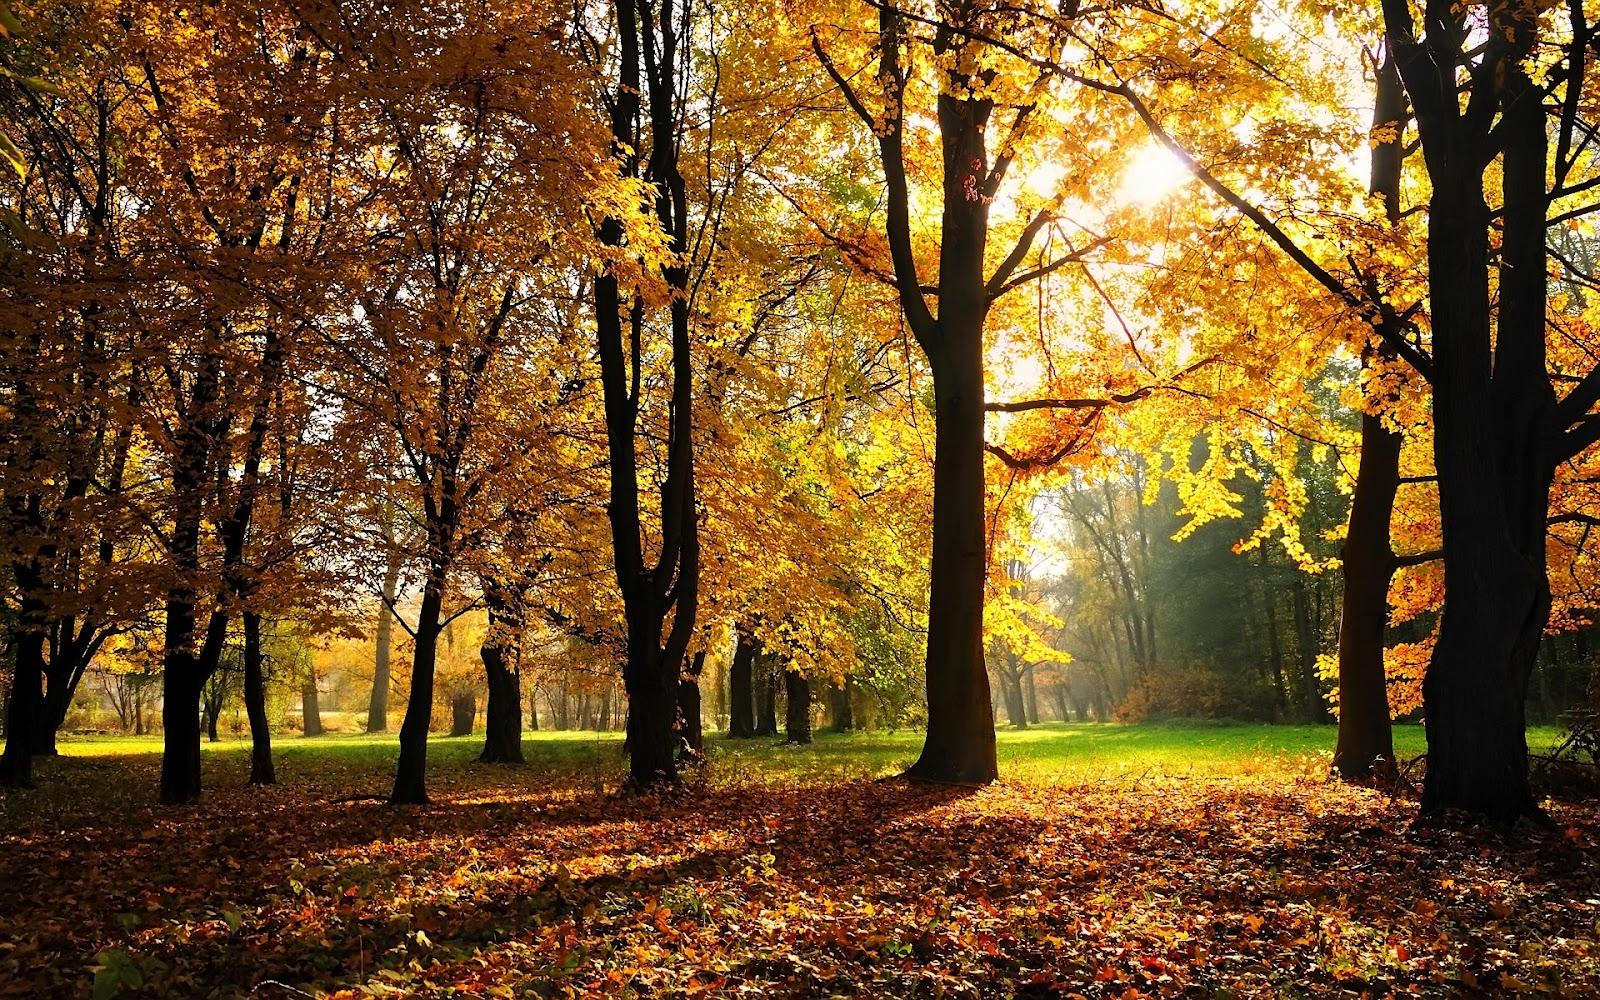 http://4.bp.blogspot.com/-vL-szTX8l-0/UClrELz_iQI/AAAAAAAAExc/Cl1oQYYJgE8/s1600/hd-herfst-wallpaper-met-een-park-tijdens-de-herfst-achtergrond-foto.jpg